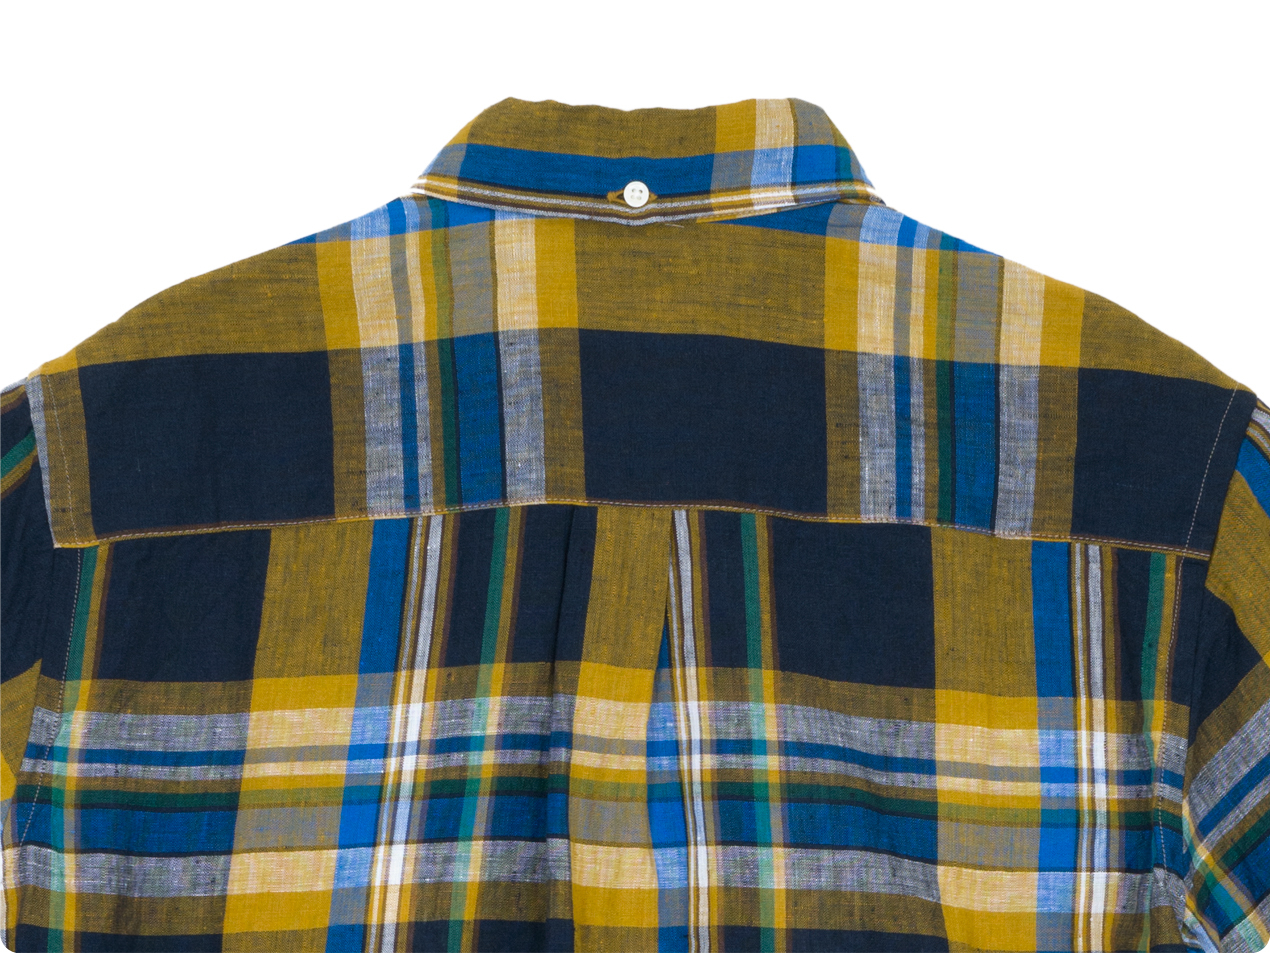 nisica ボタンダウンシャツ 半袖 チェック